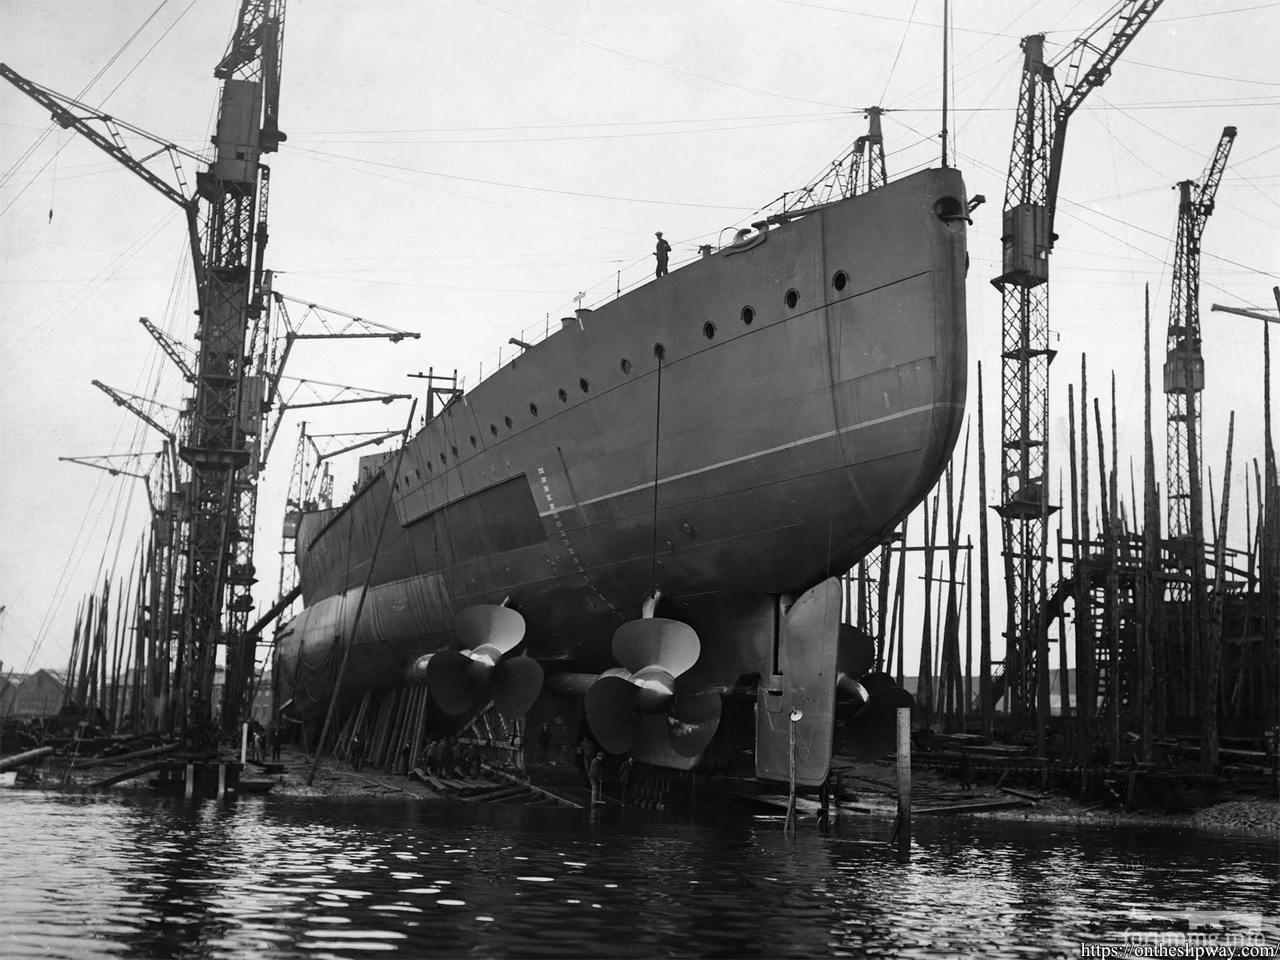 127590 - Броненосцы, дредноуты, линкоры и крейсера Британии